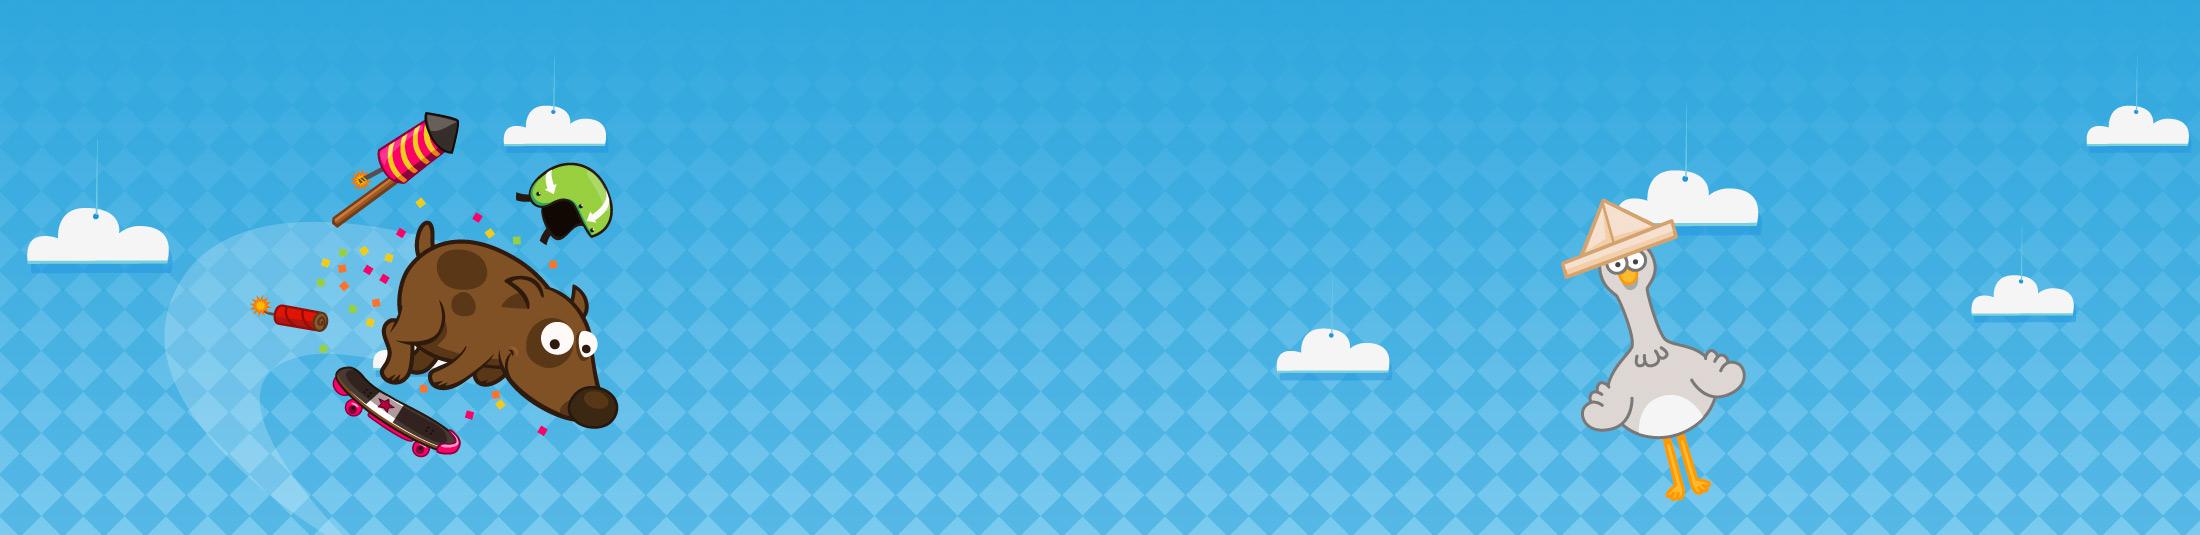 Games passport jeux gratuits the games review - Jouer au 12 coups de midi gratuitement ...